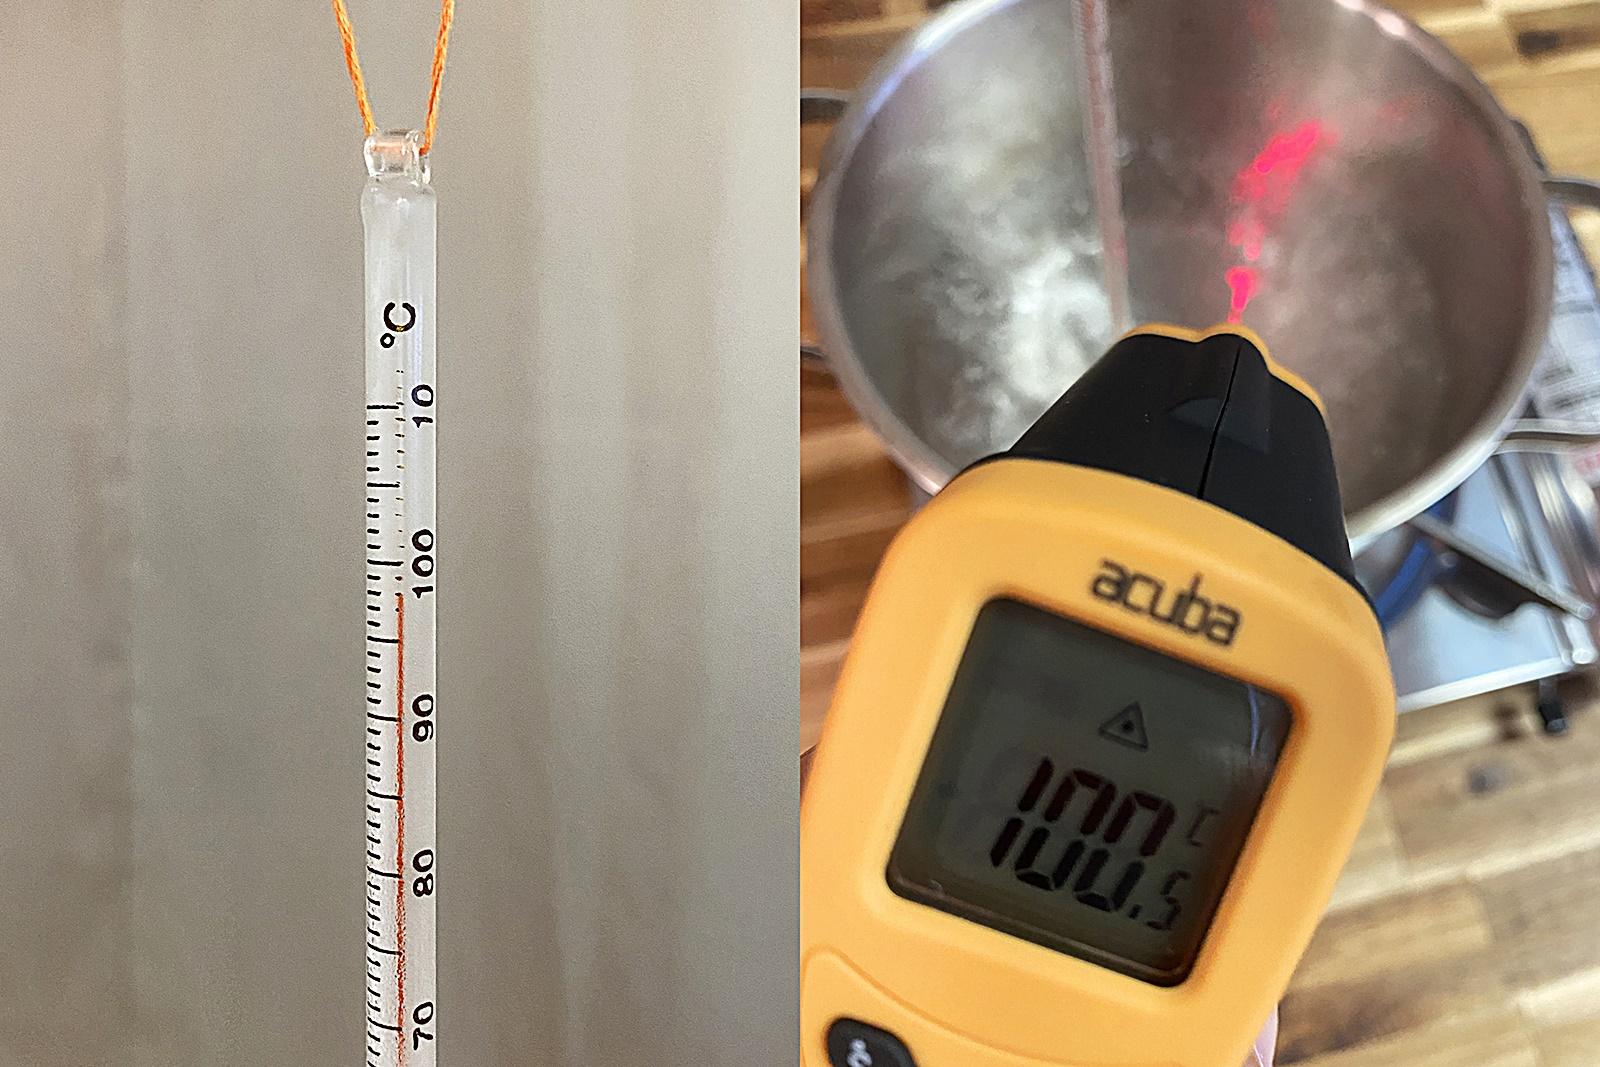 스테인리스 냄비 물 끓이며 온도계 비교 실험 4